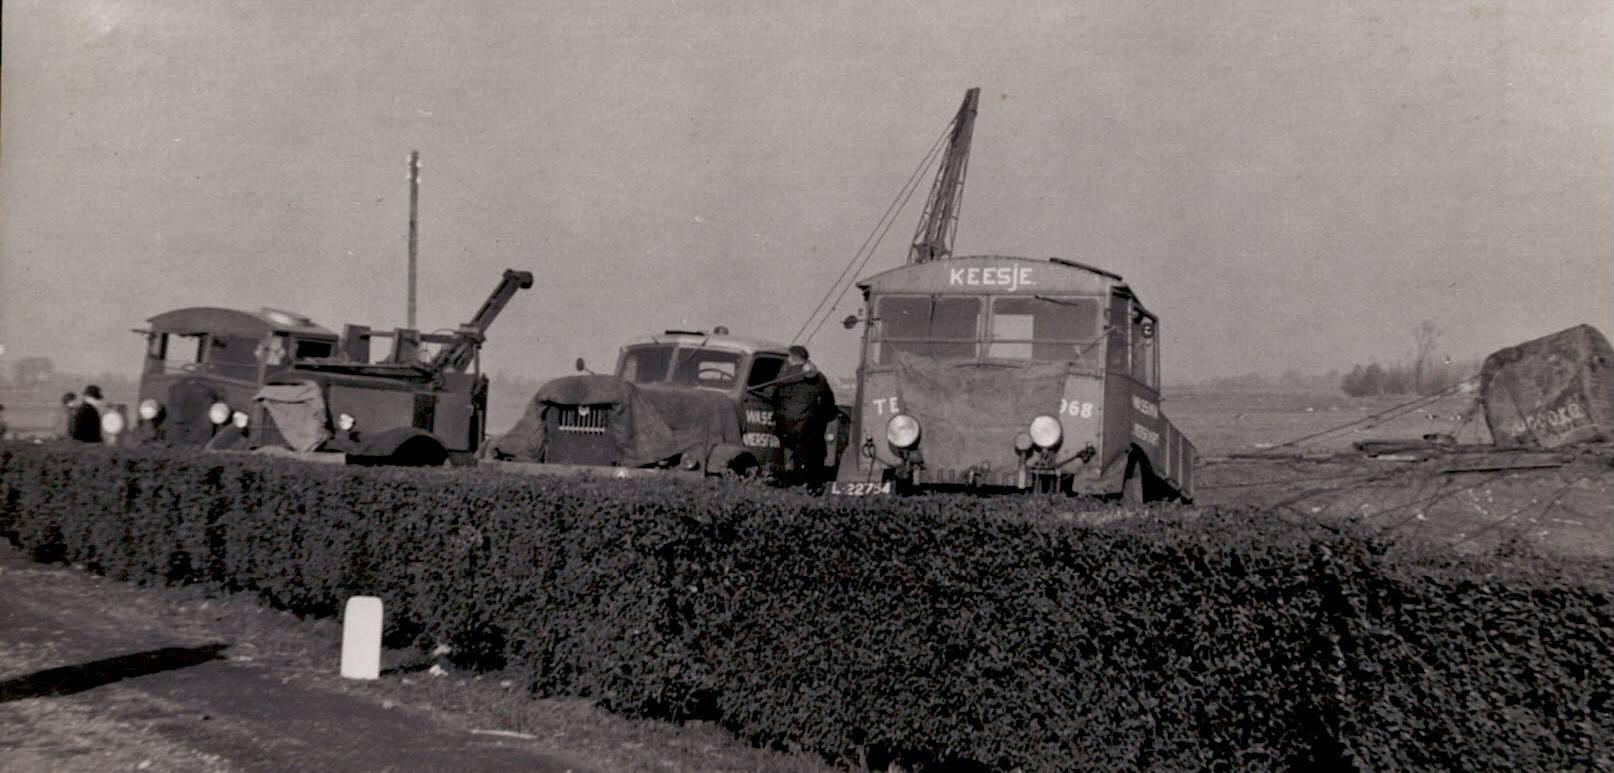 Den-Haag-Rotterdam-bij-Overschie-Waren-aan-het-werk-om-een-70-ton-ketel-uit-de-sloot-te-halen-die-een-ander-verloren-had-en-er-werdt-gewoon-langs-de-weg-doorgewerkt-terwijl-het-verkeer-gewoon-doorging-4